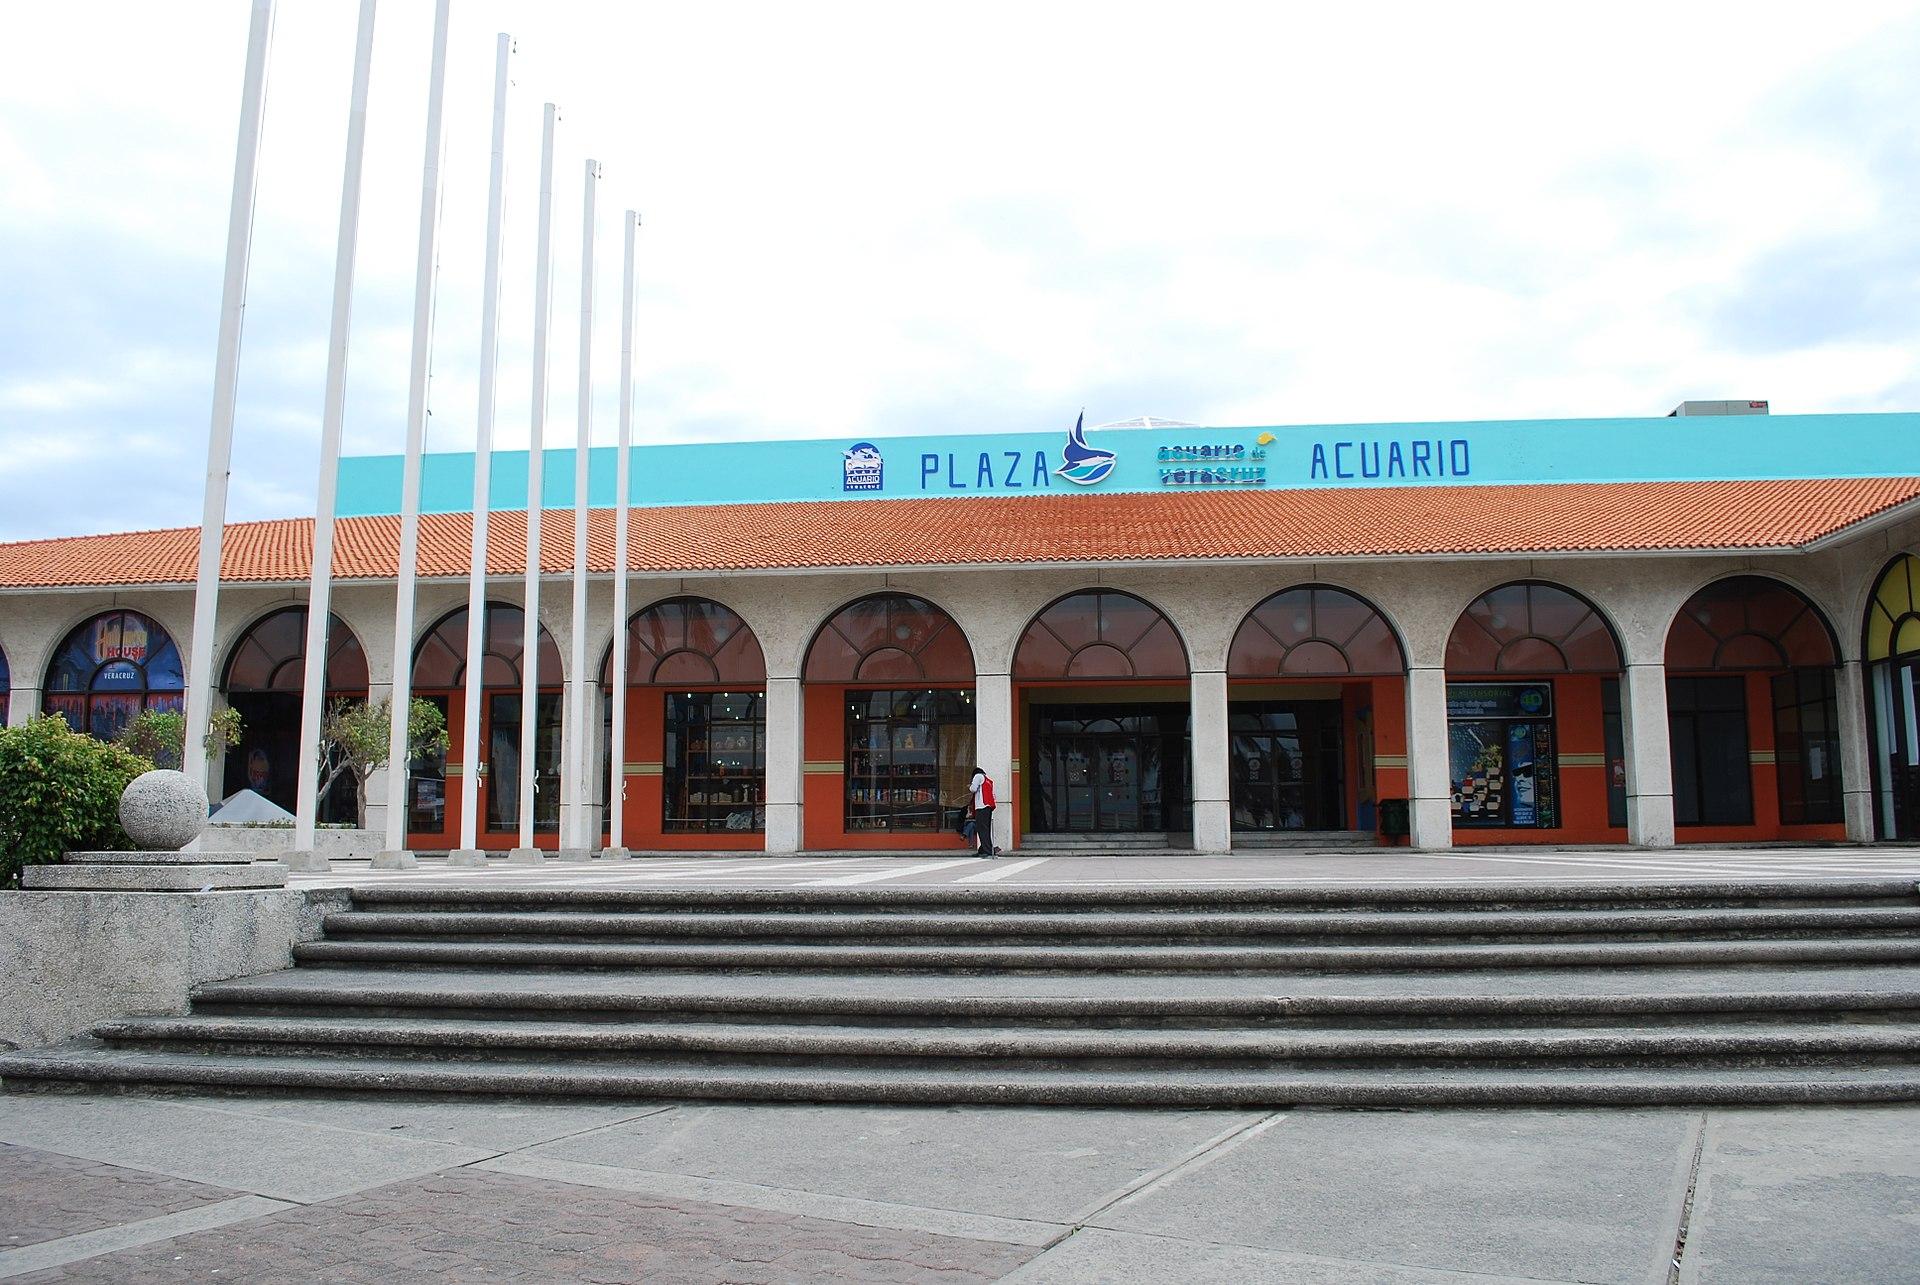 Acuario de veracruz wikipedia la enciclopedia libre for Acuarios zona norte